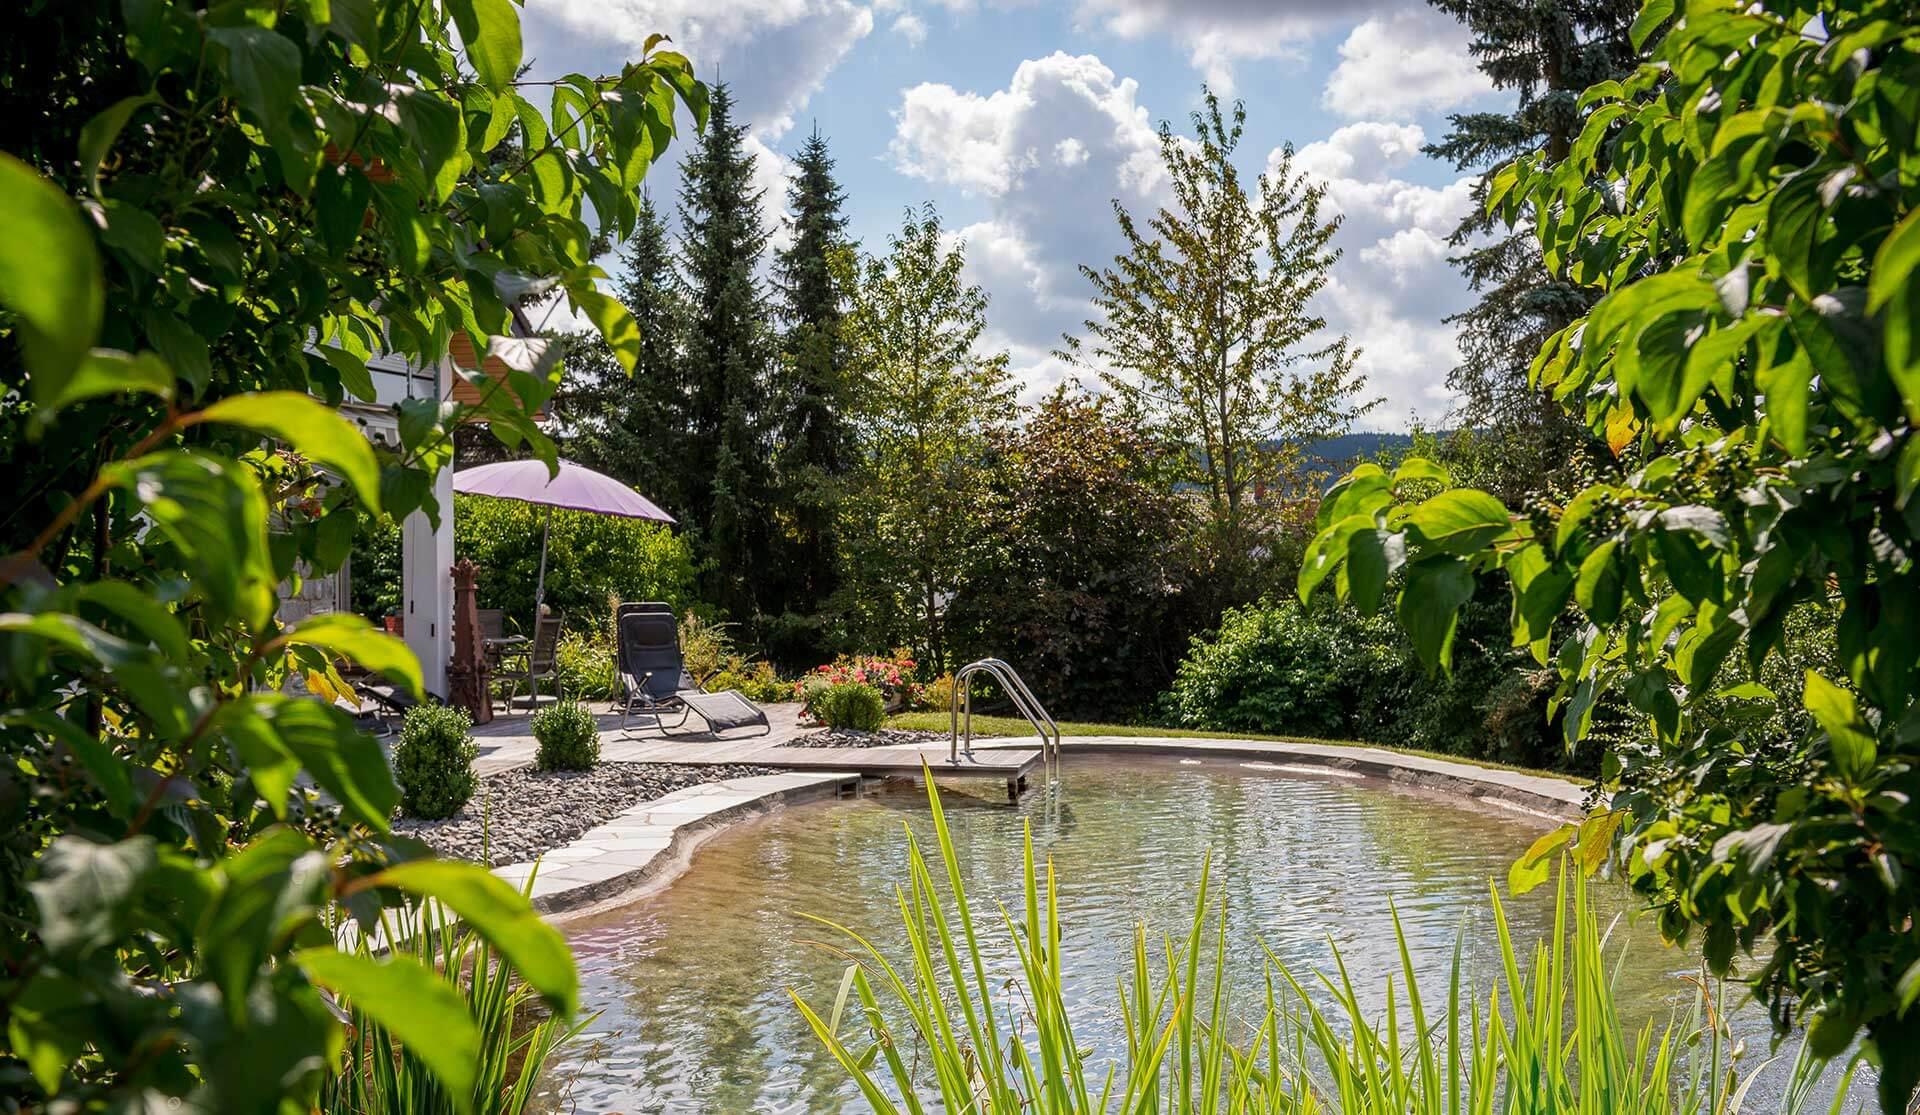 Badeteich im Garten mit Steg und Einstiegsleiter